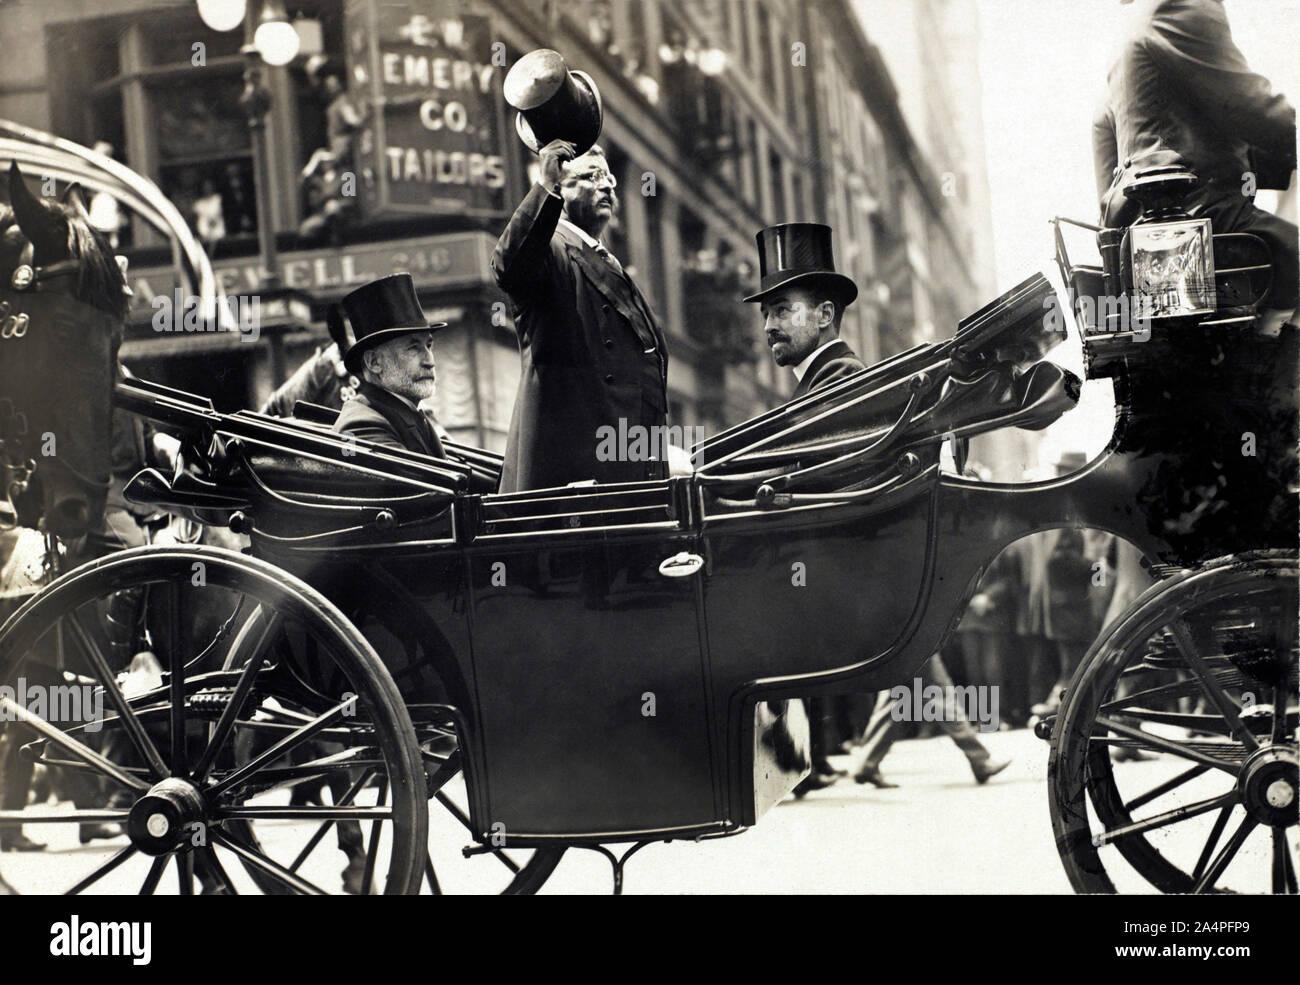 Theodore Roosevelt en pie en el carro con su sombrero inclinado mientras el alcalde de Nueva York, William Gaynor y Cornelius Vanderbilt permanecer sentado durante su homecoming recepción después de su viaje al extranjero, la ciudad de Nueva York, Nueva York, Estados Unidos, junio de 1910 Foto de stock